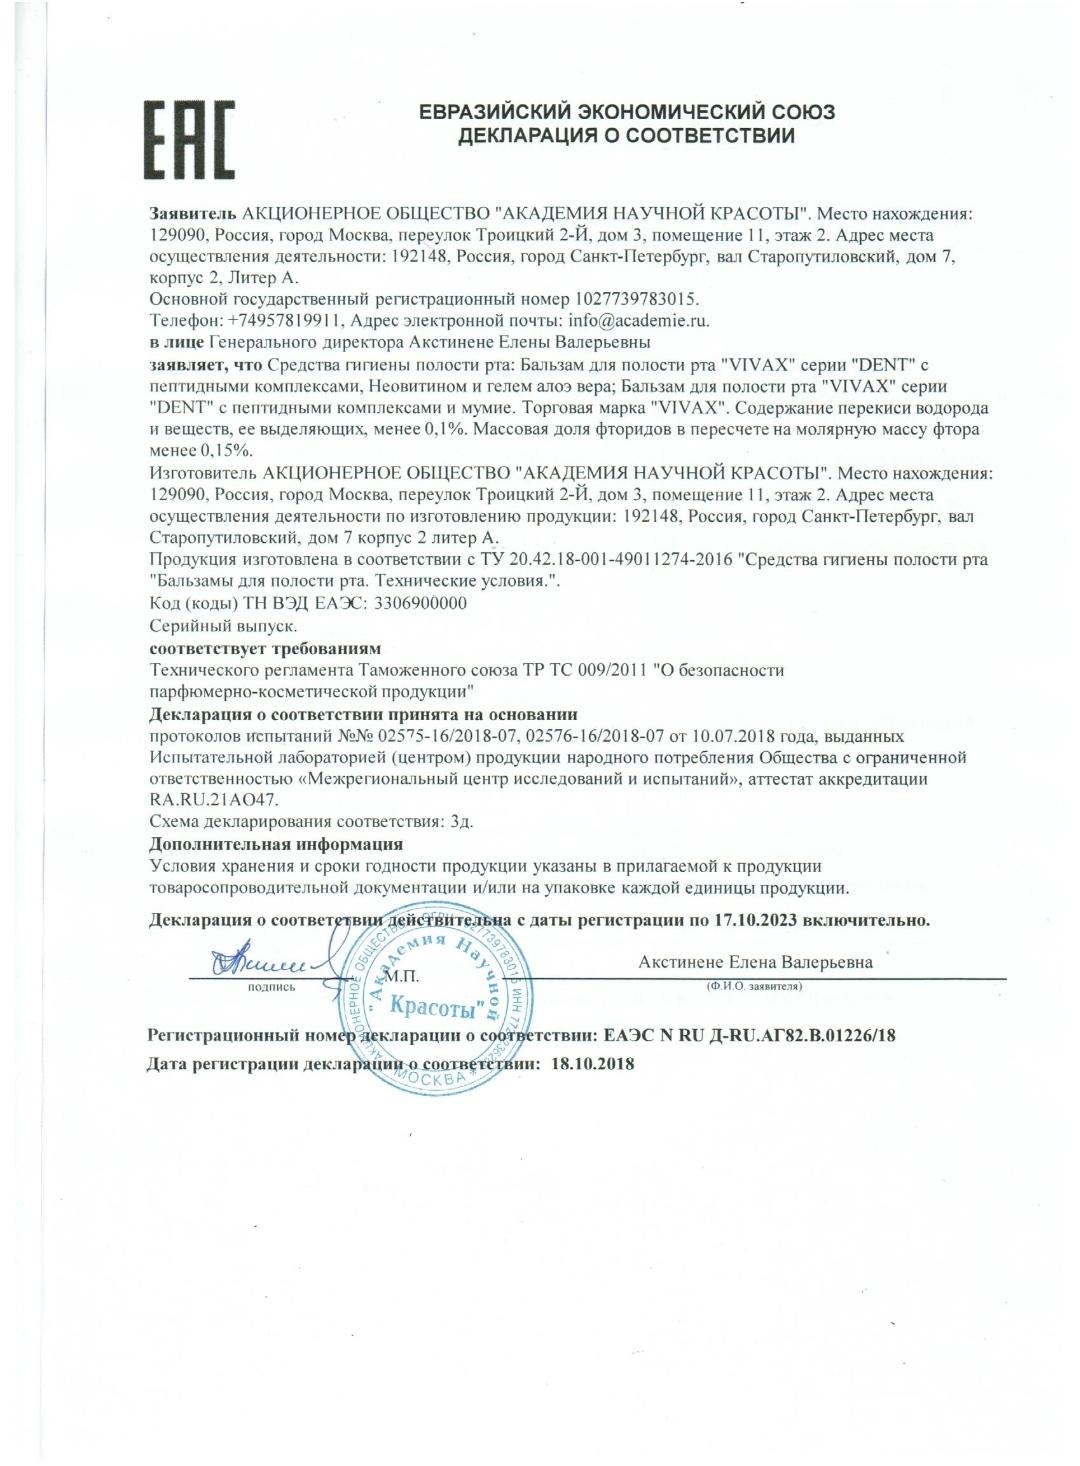 VIVAX DENT бальзам для полости рта с пептидами, Неовитином и гелем Алоэ Вера - Декларация соответствия